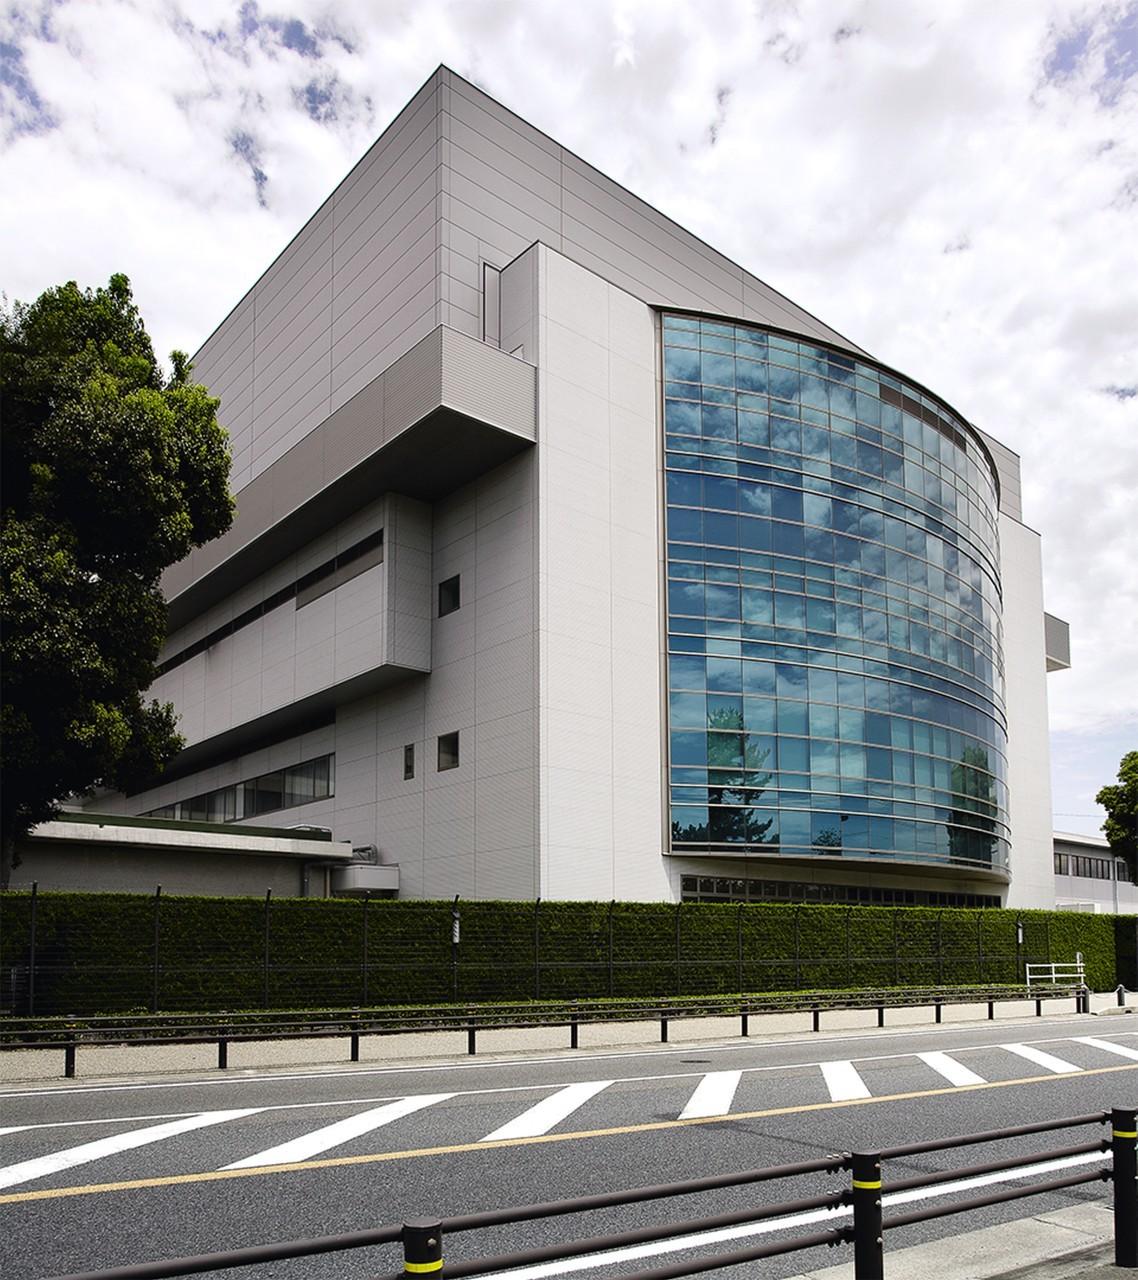 Zbudowane w 2003 roku centrum projektowe Lexusa w prefekturze Aichi wyposażone jest w szereg technologii, wspomagających tworzenie nowych projektów od fazy koncepcyjnej po prototyp. To właśnie tu zaprojektowano np. od podstaw popularnego crossovera NX.  Fot. Lexus International, Kohei Take